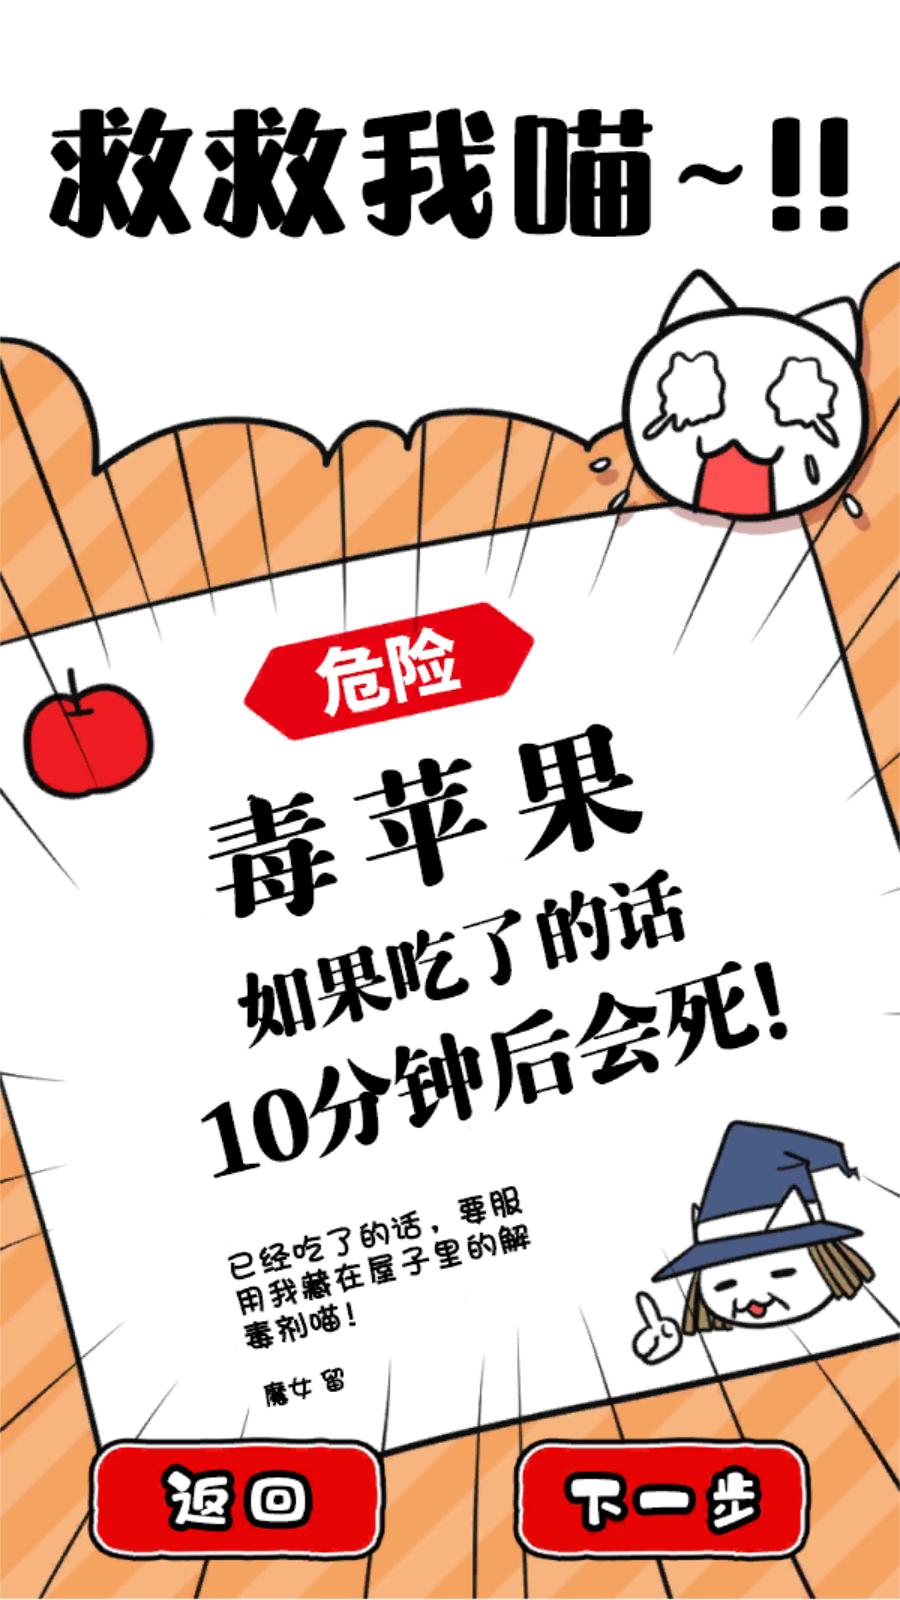 【公告】《命悬一线倒计时10分钟》已于10月20日上线试玩!